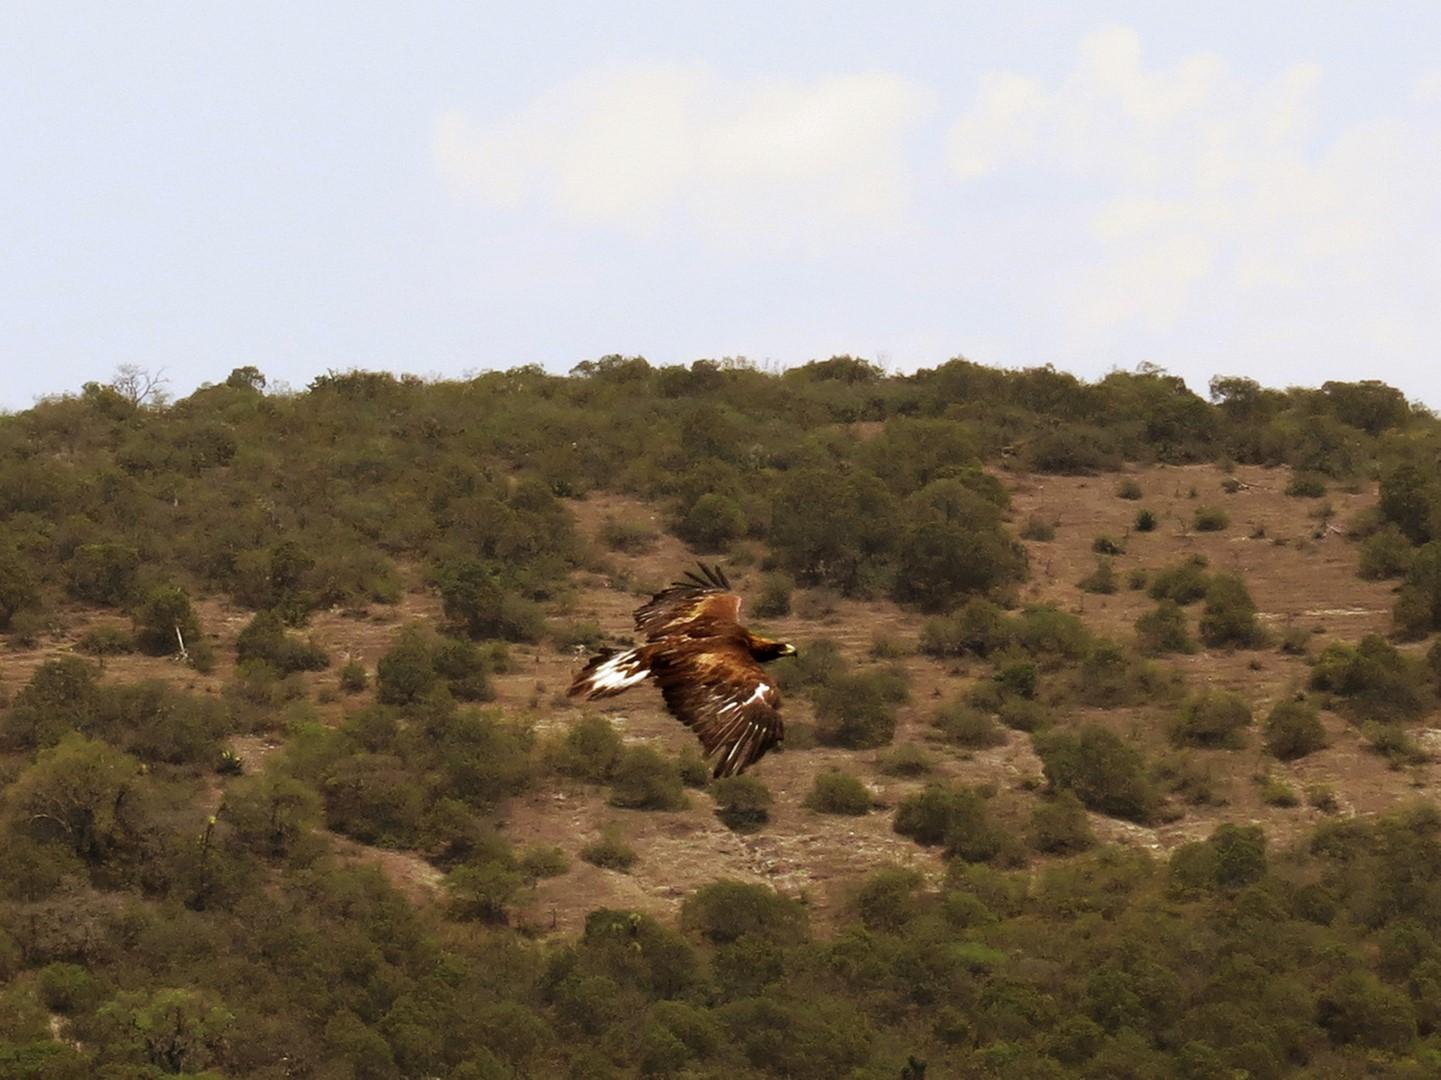 Profepa reintegra a su hábitat a un ejemplar de águila real en SLP (Profepa)